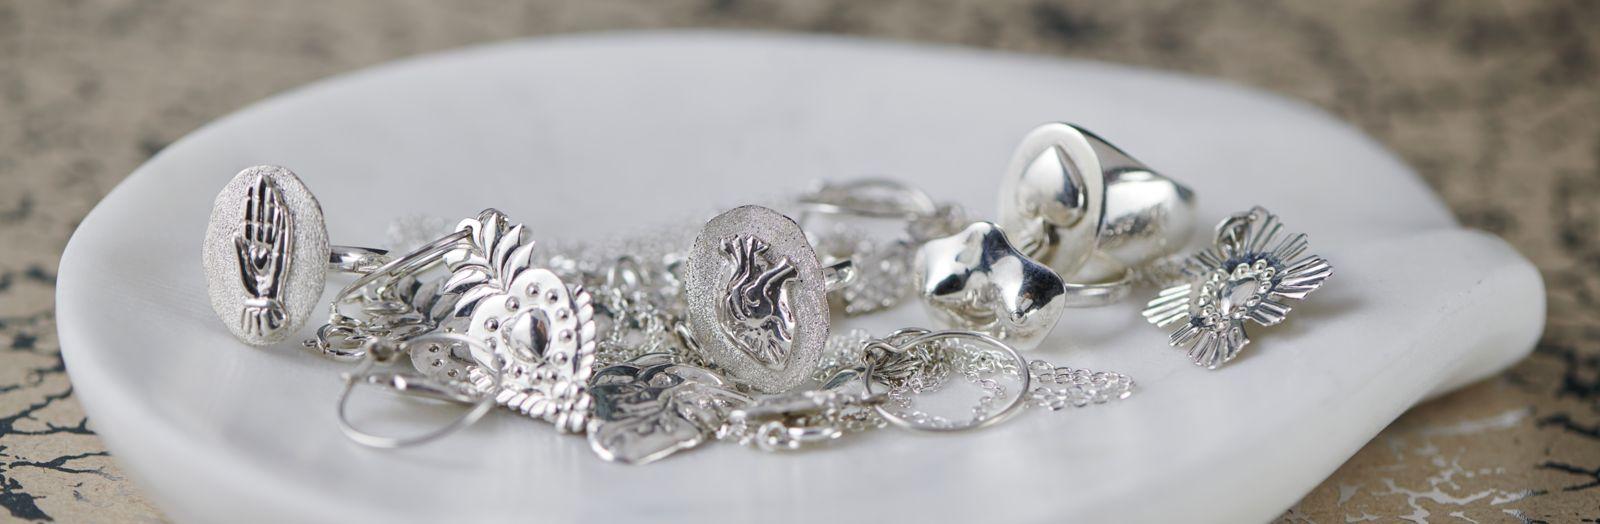 925 silver jewelry collection ex-votos Tienda Esquipulas